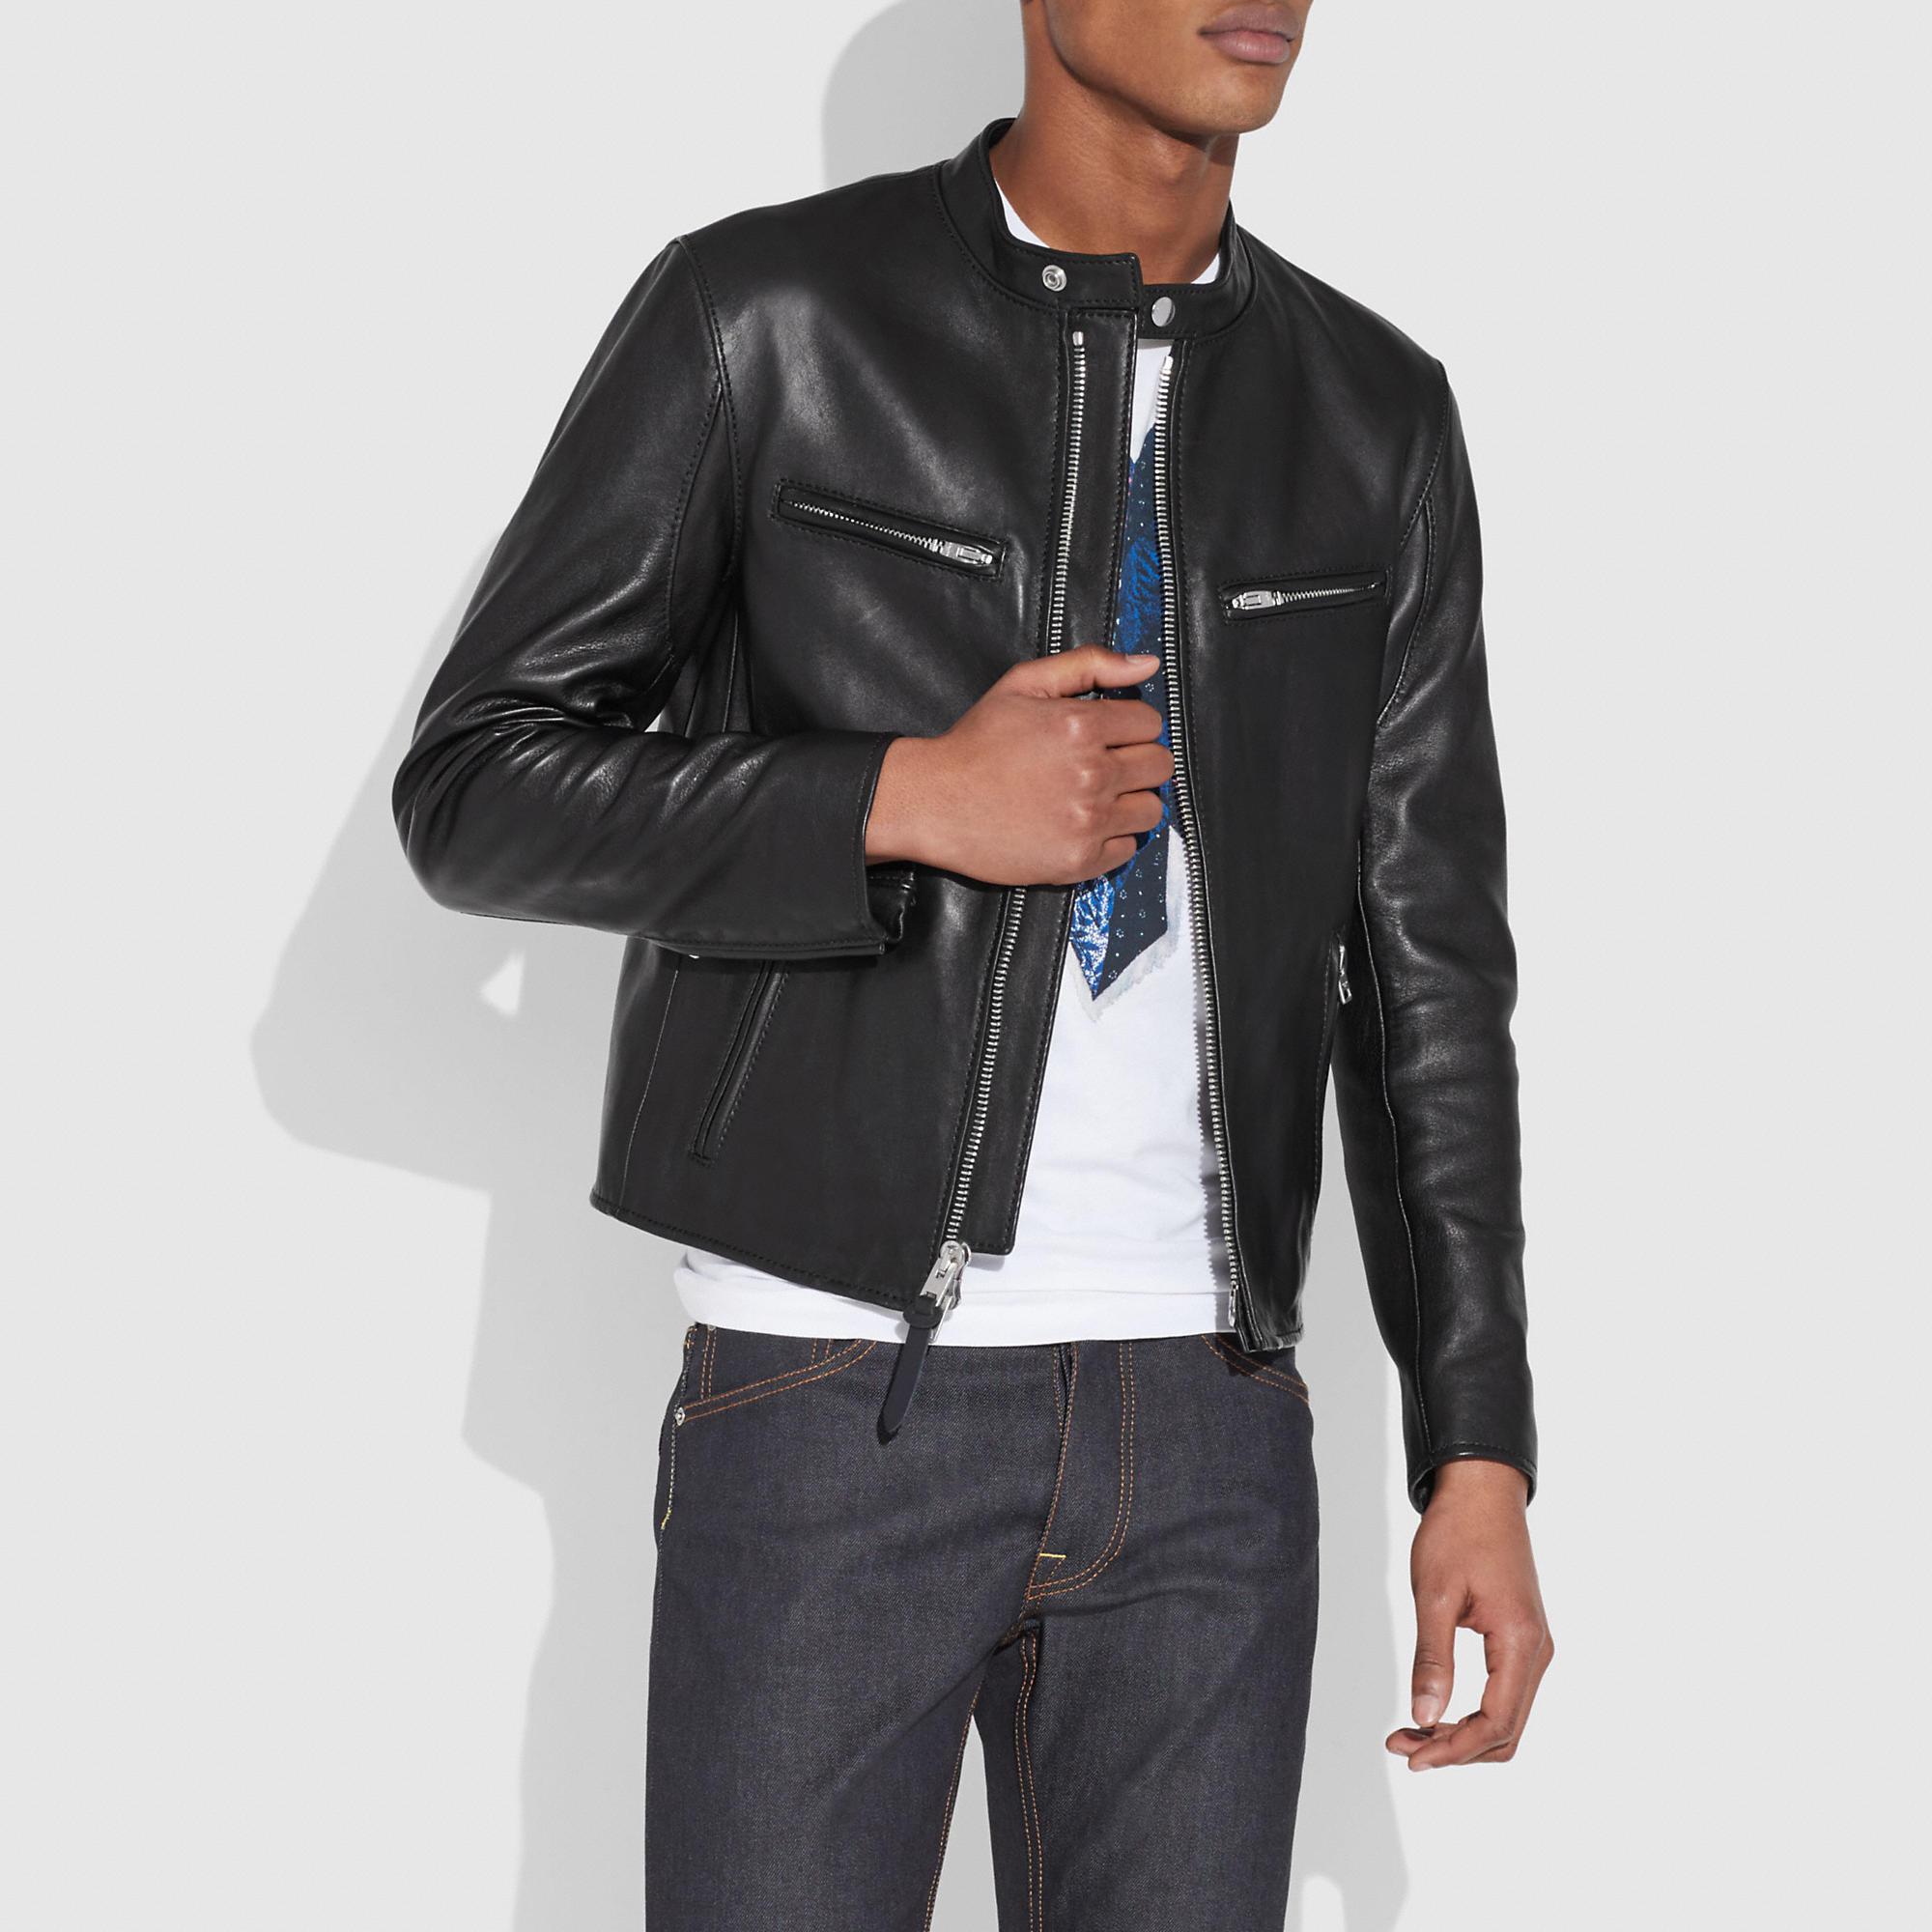 Coach Racer Jacket In Black Modesens In 2021 Racer Jacket Leather Jacket Leather Jacket Men [ 2000 x 2000 Pixel ]